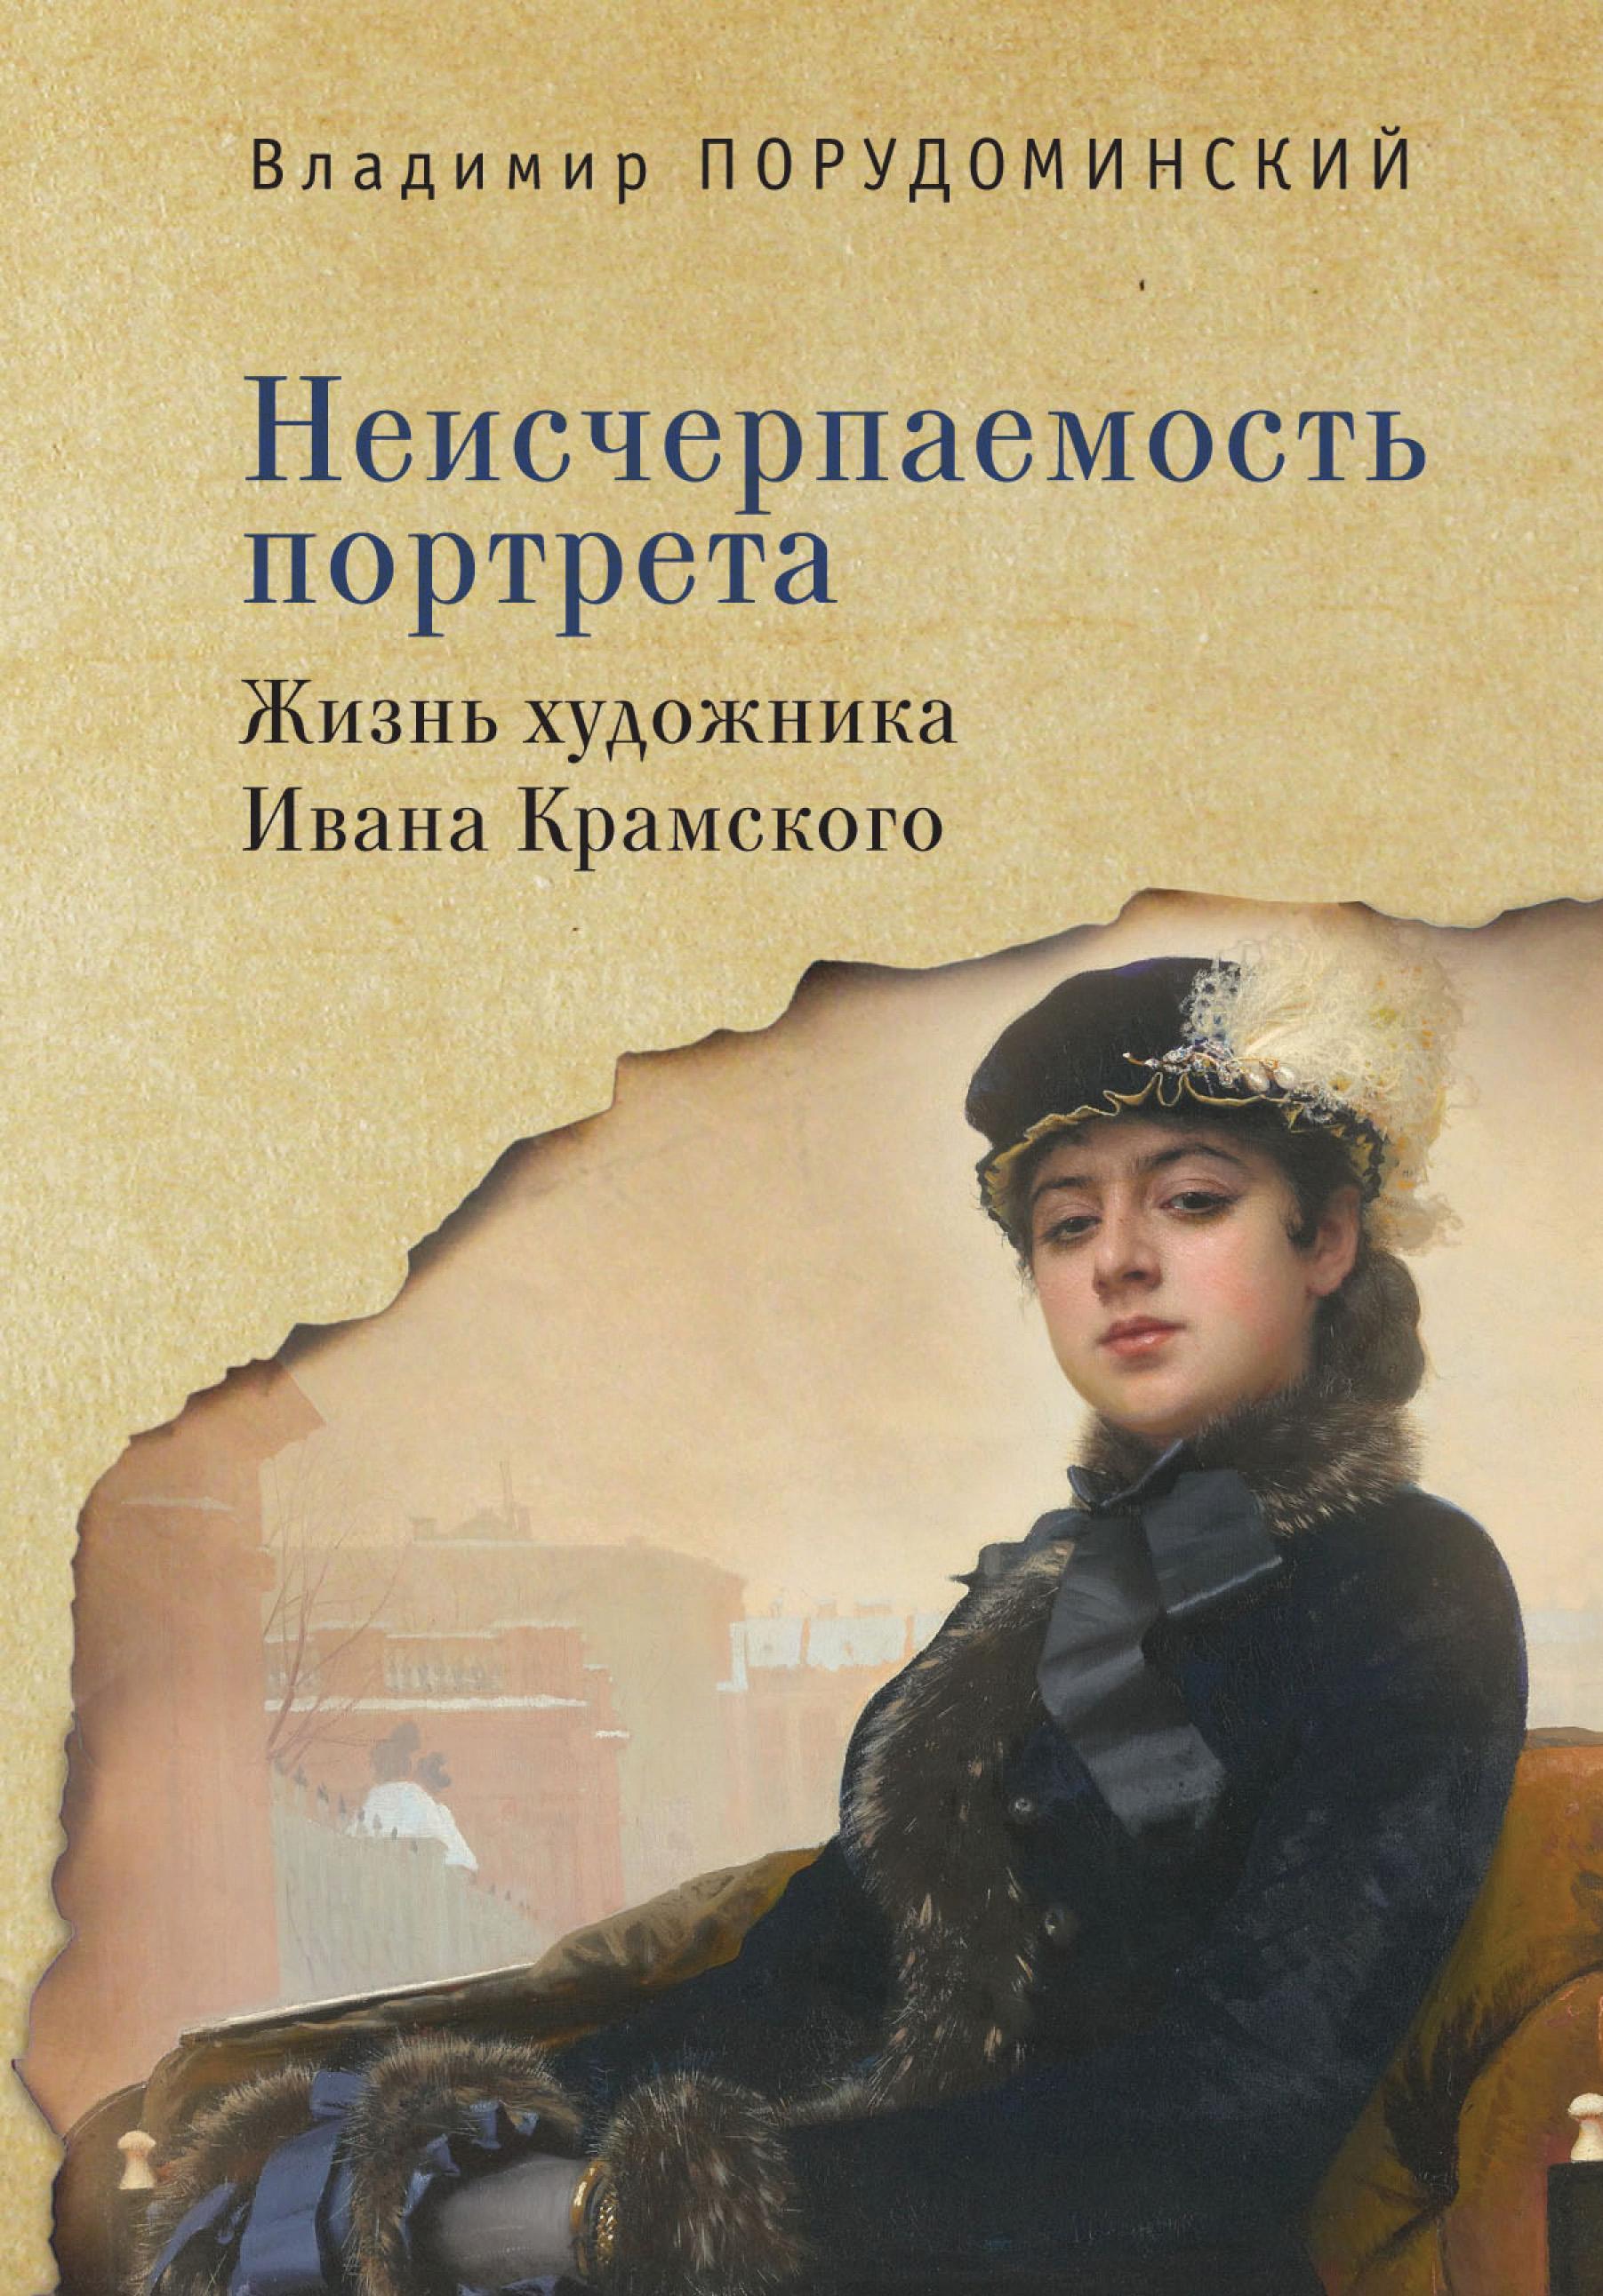 Неисчерпаемость портрета. Жизнь художника Ивана Крамского